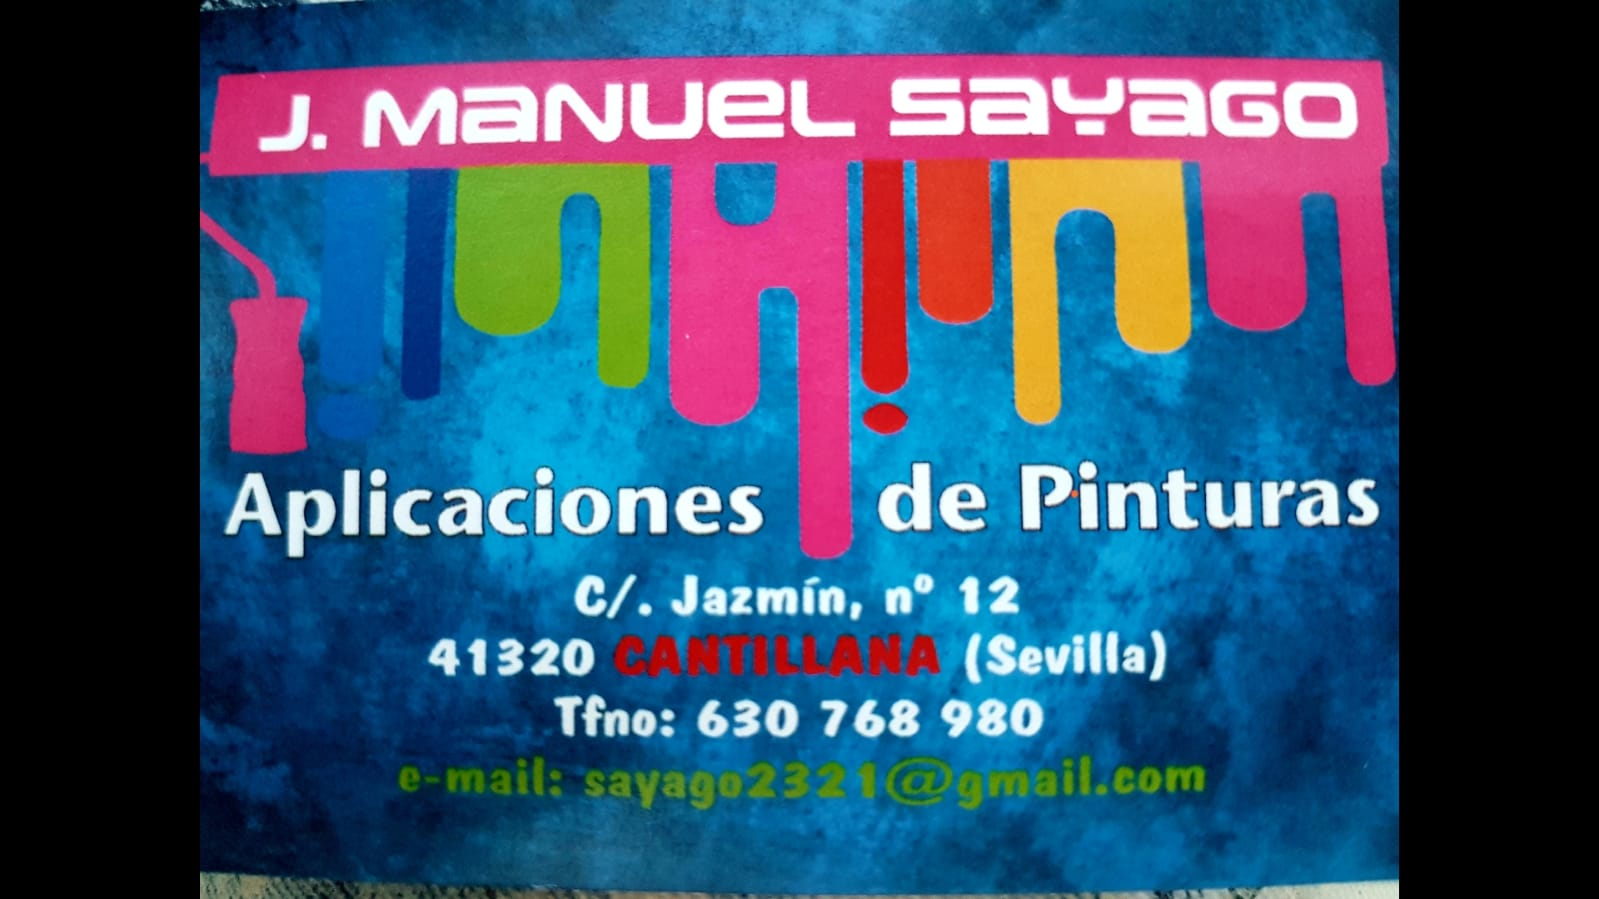 Aplicaciones de pinturas José Manuel Sayago